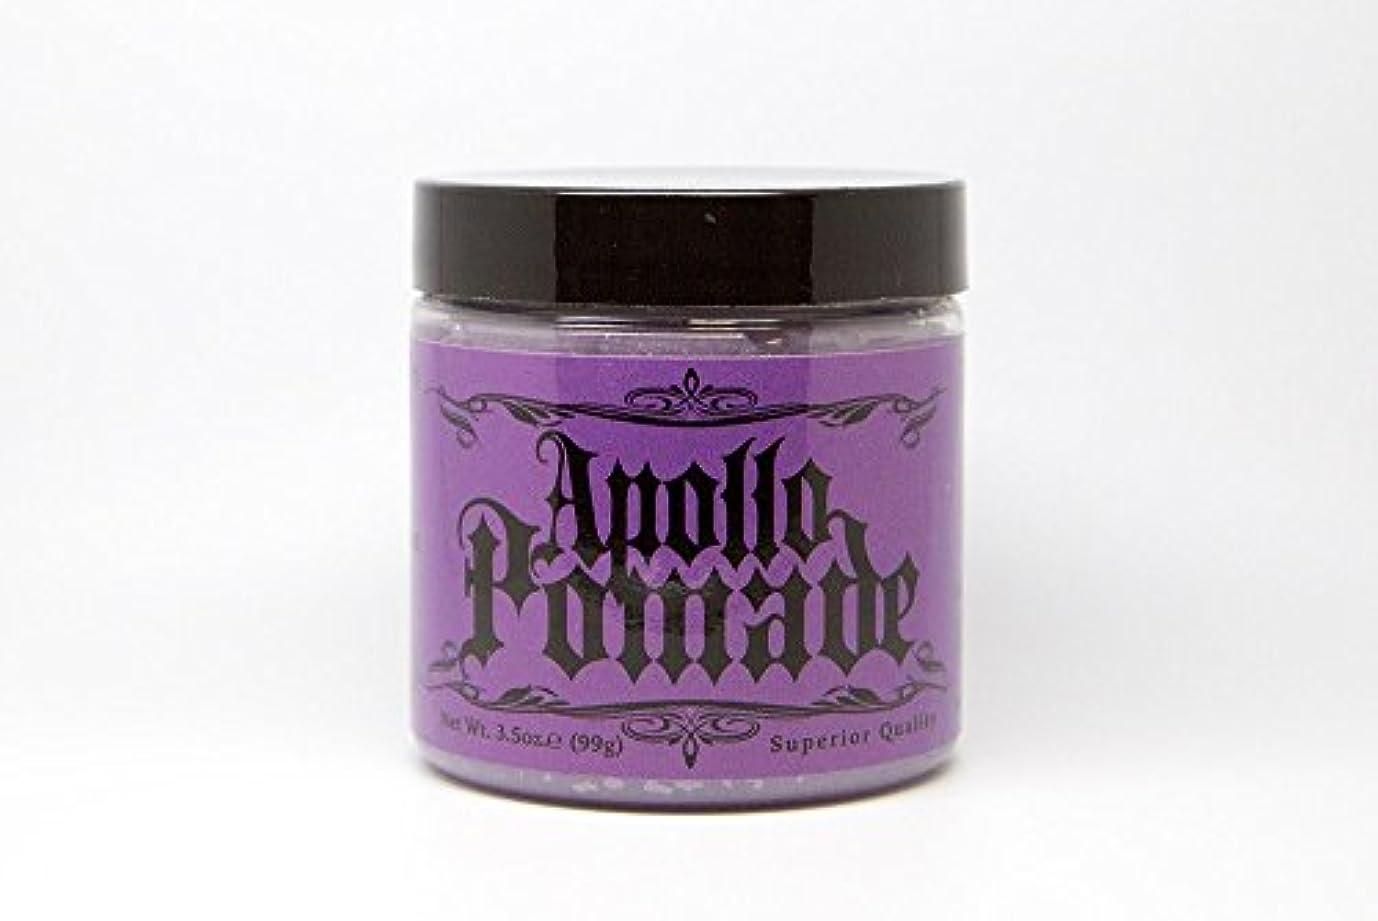 抑制ましい敷居ポマード メンズ Apollo Pamade (アポロポマード 油性 ) 3.5oz(99g)